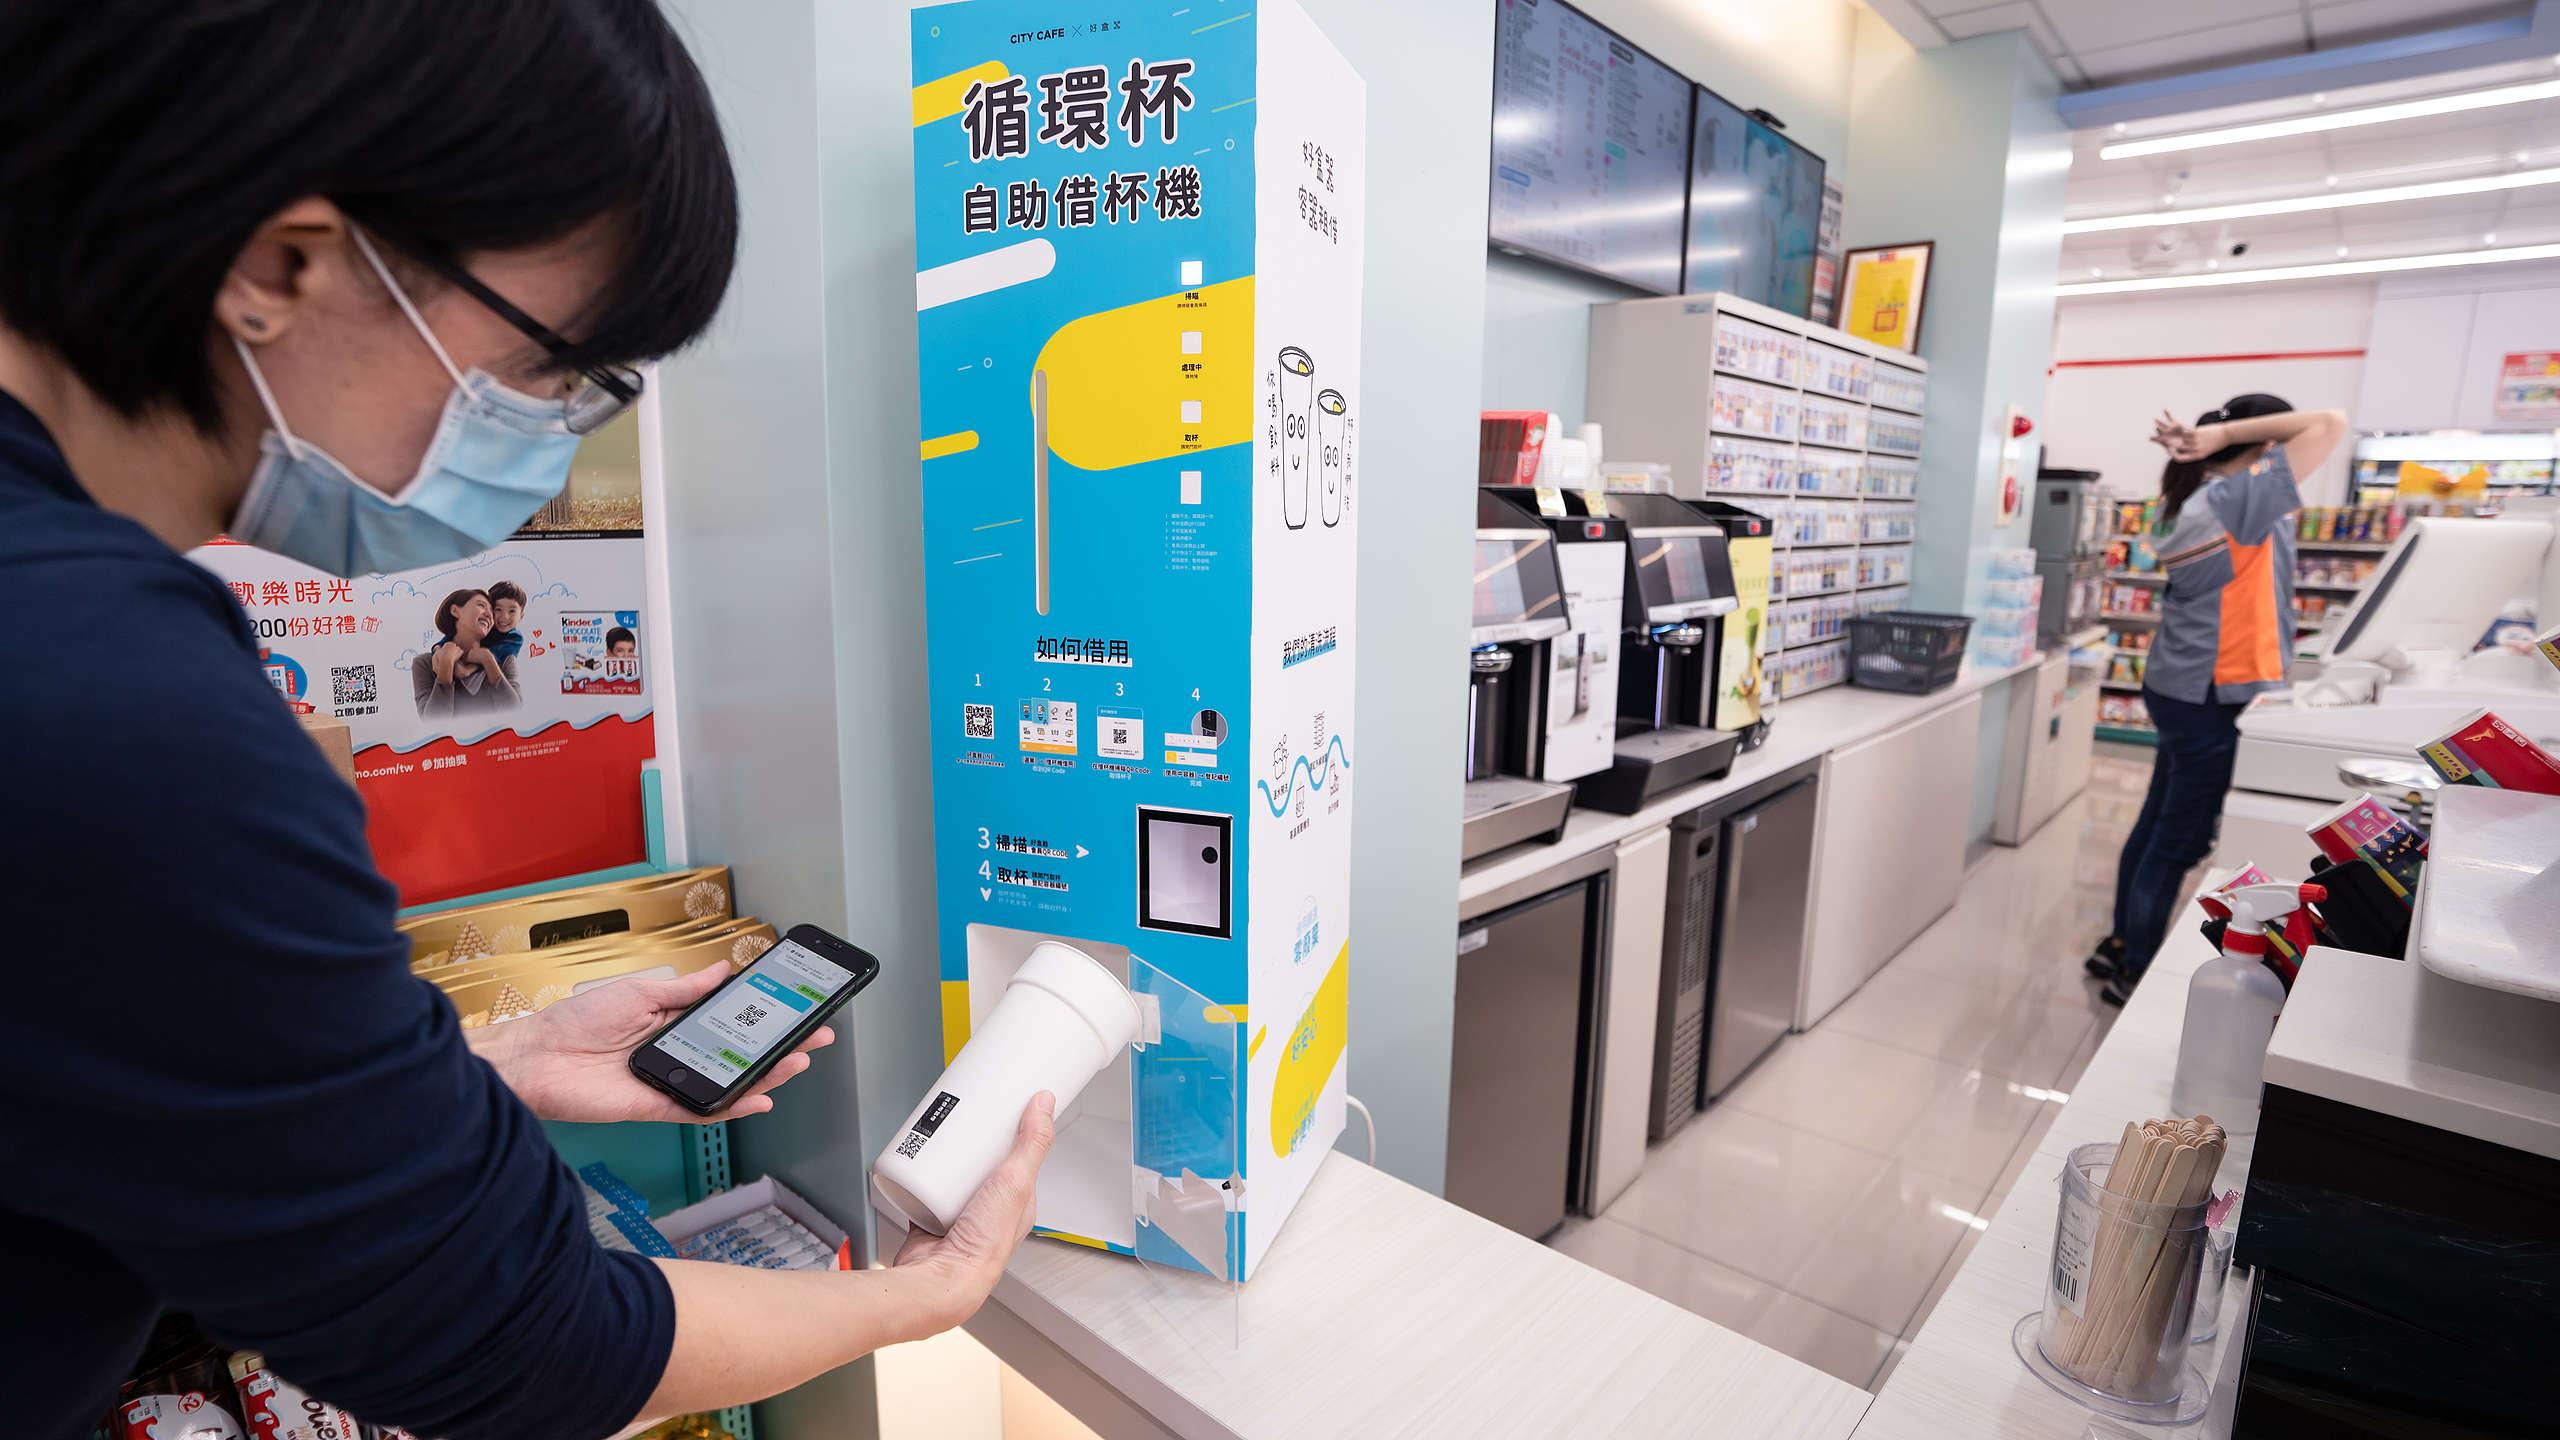 統一超商於門市引入租借飲品杯模式,消費者可以透過手機租借可循環再用的飲品杯,用完後歸還,從源頭減少塑膠垃圾的產生。© Greenpeace